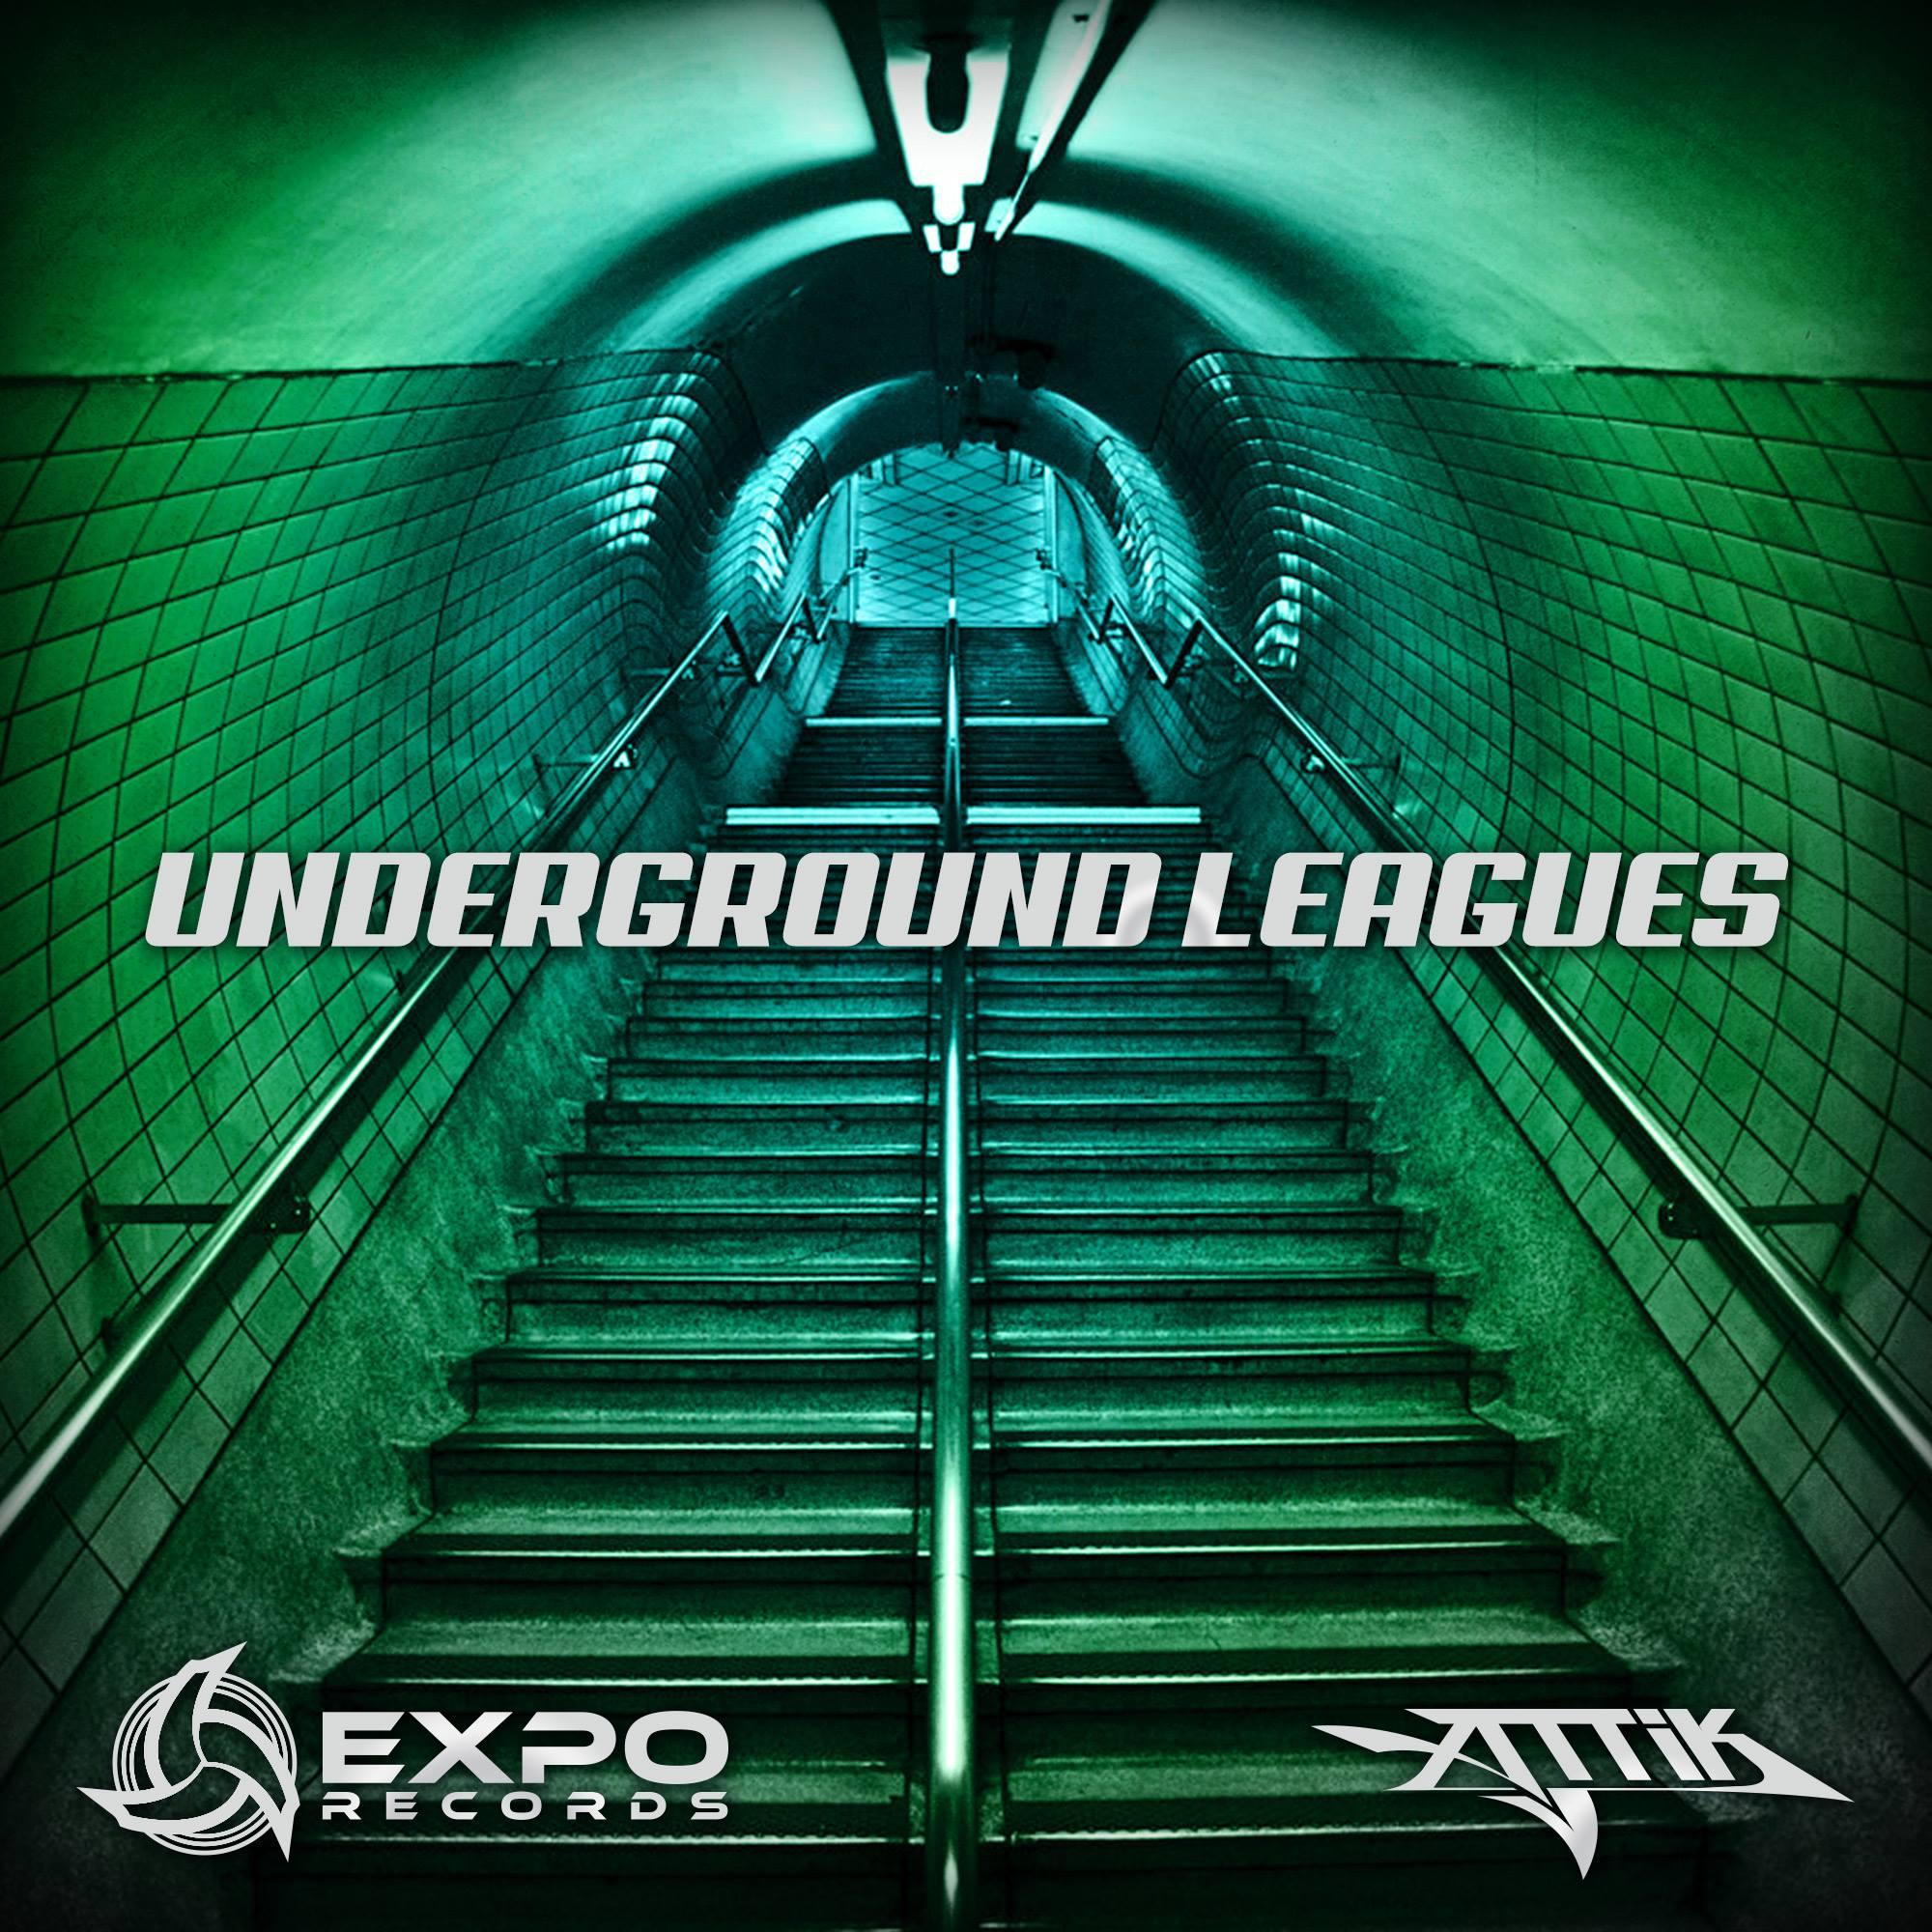 Attik - Underground Leagues